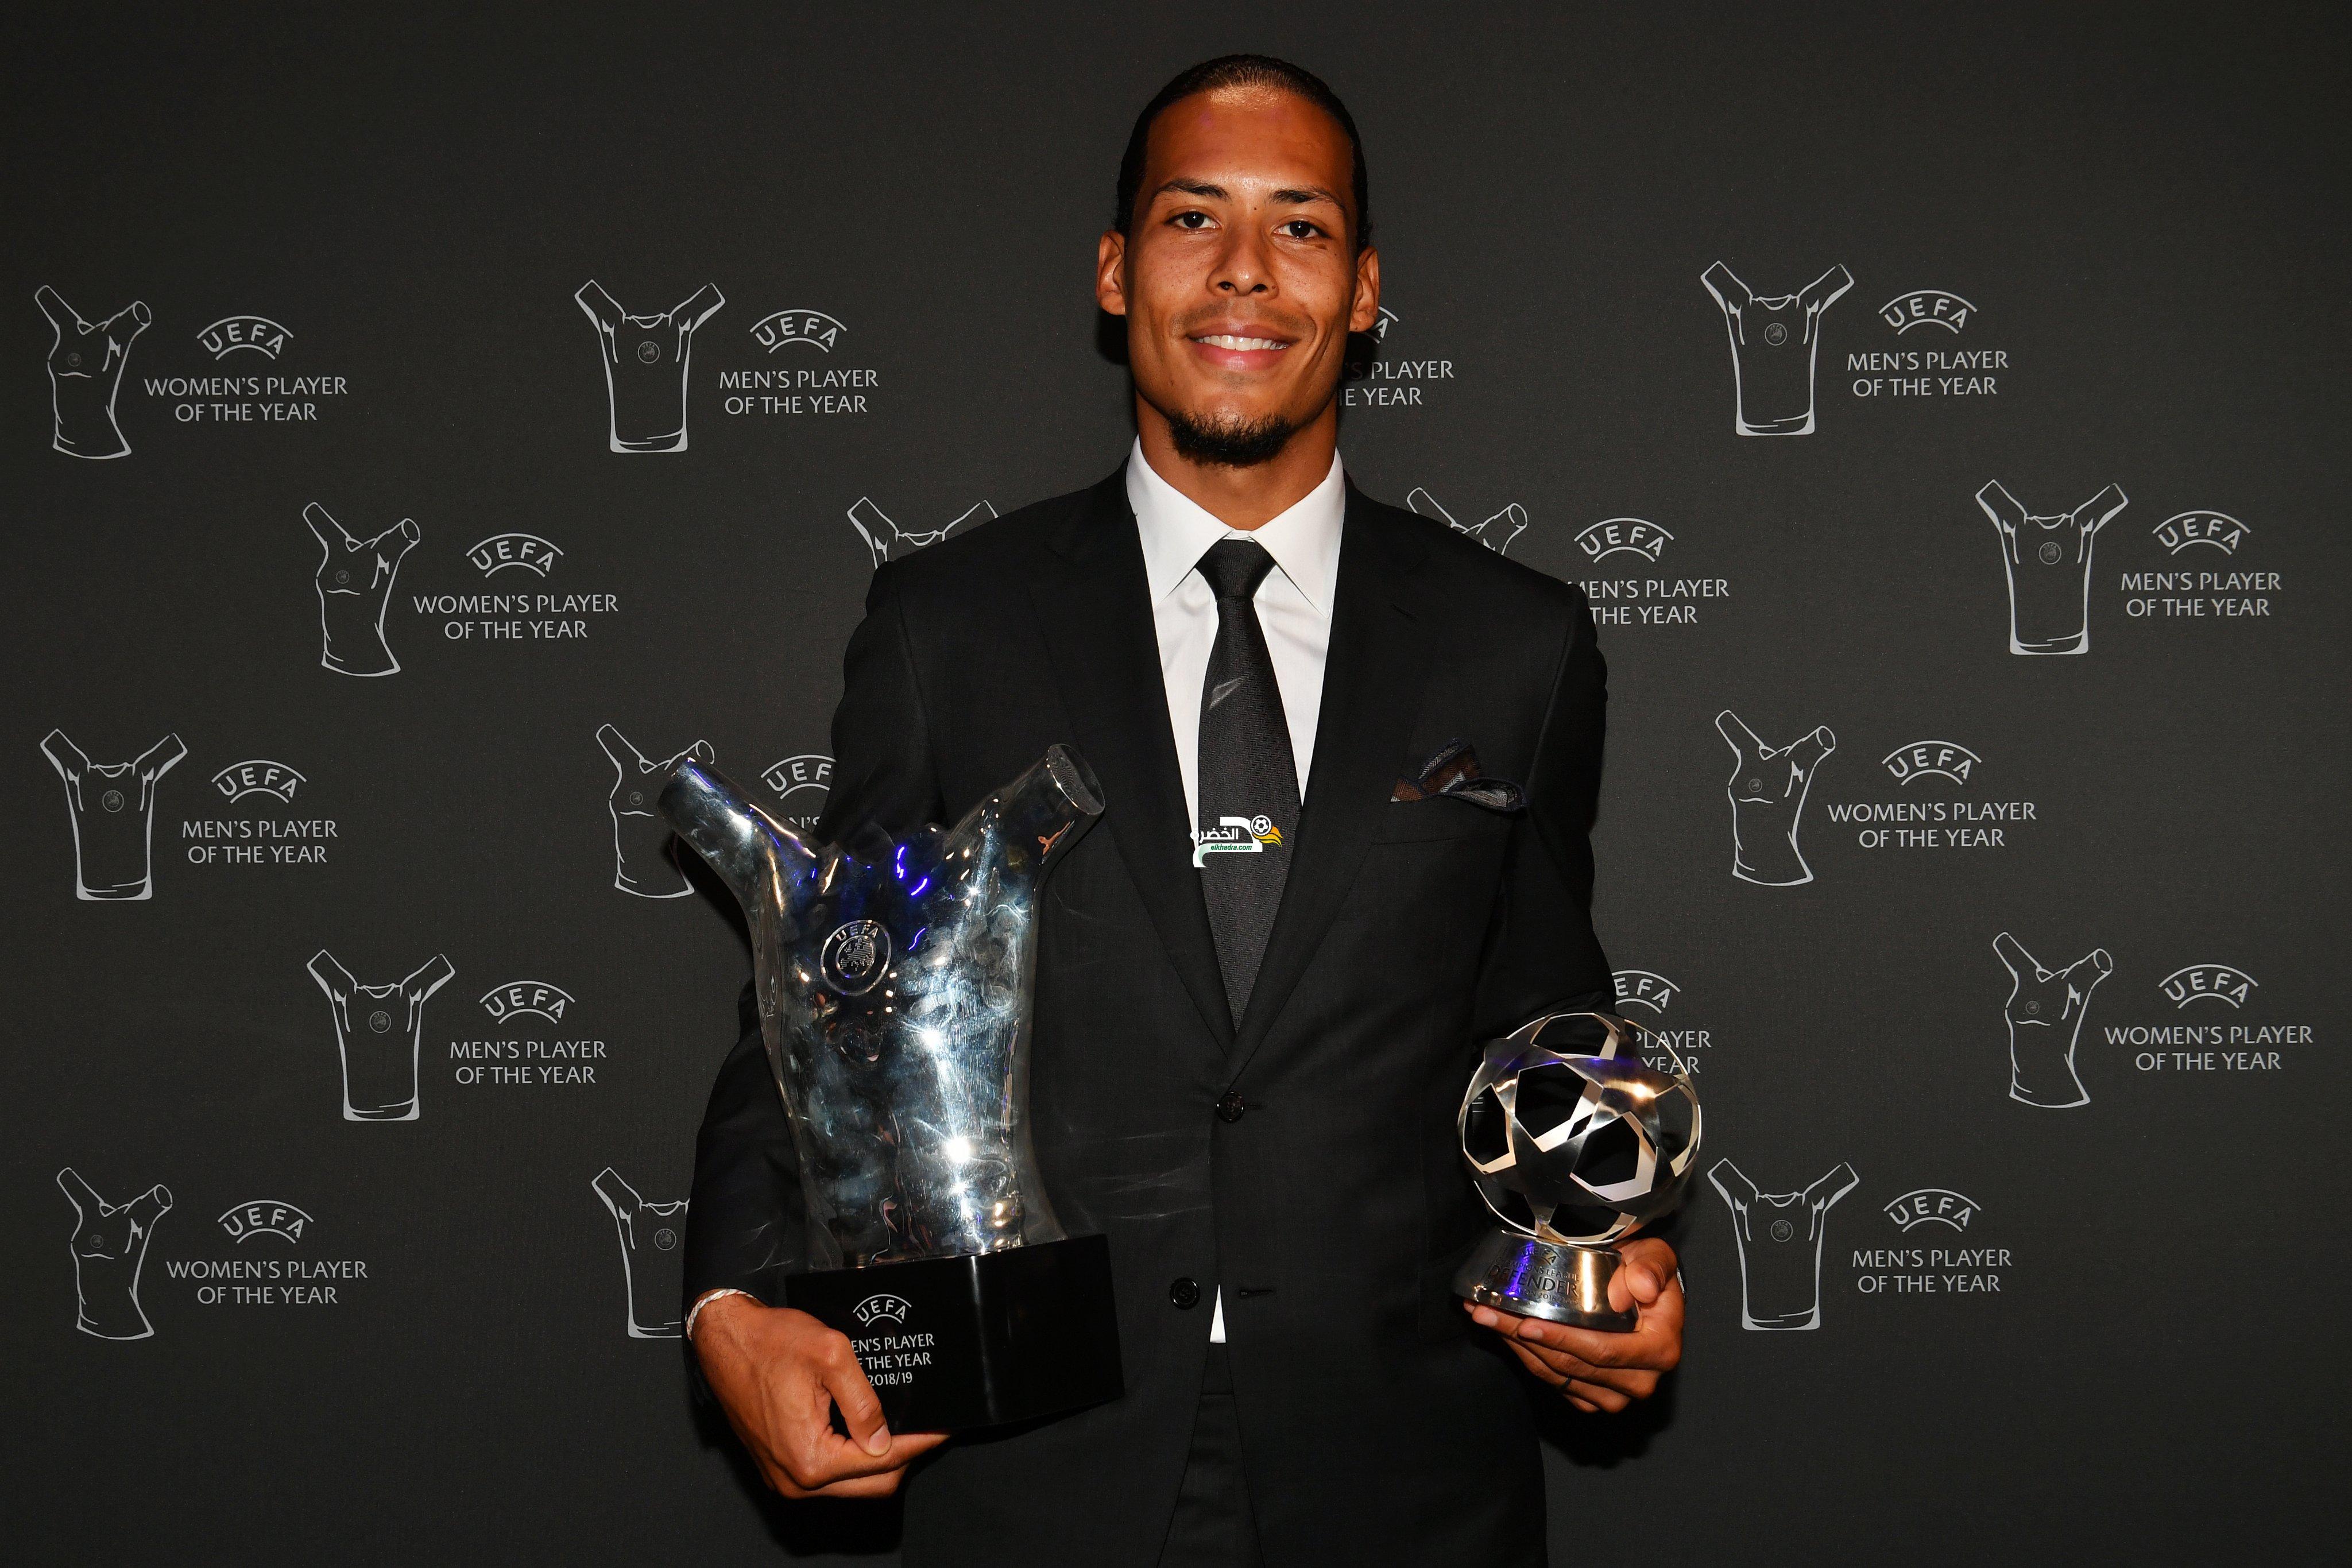 الهولندي فيرجيل فان دايك يتوج بجائزة أفضل لاعب في أوروبا 24